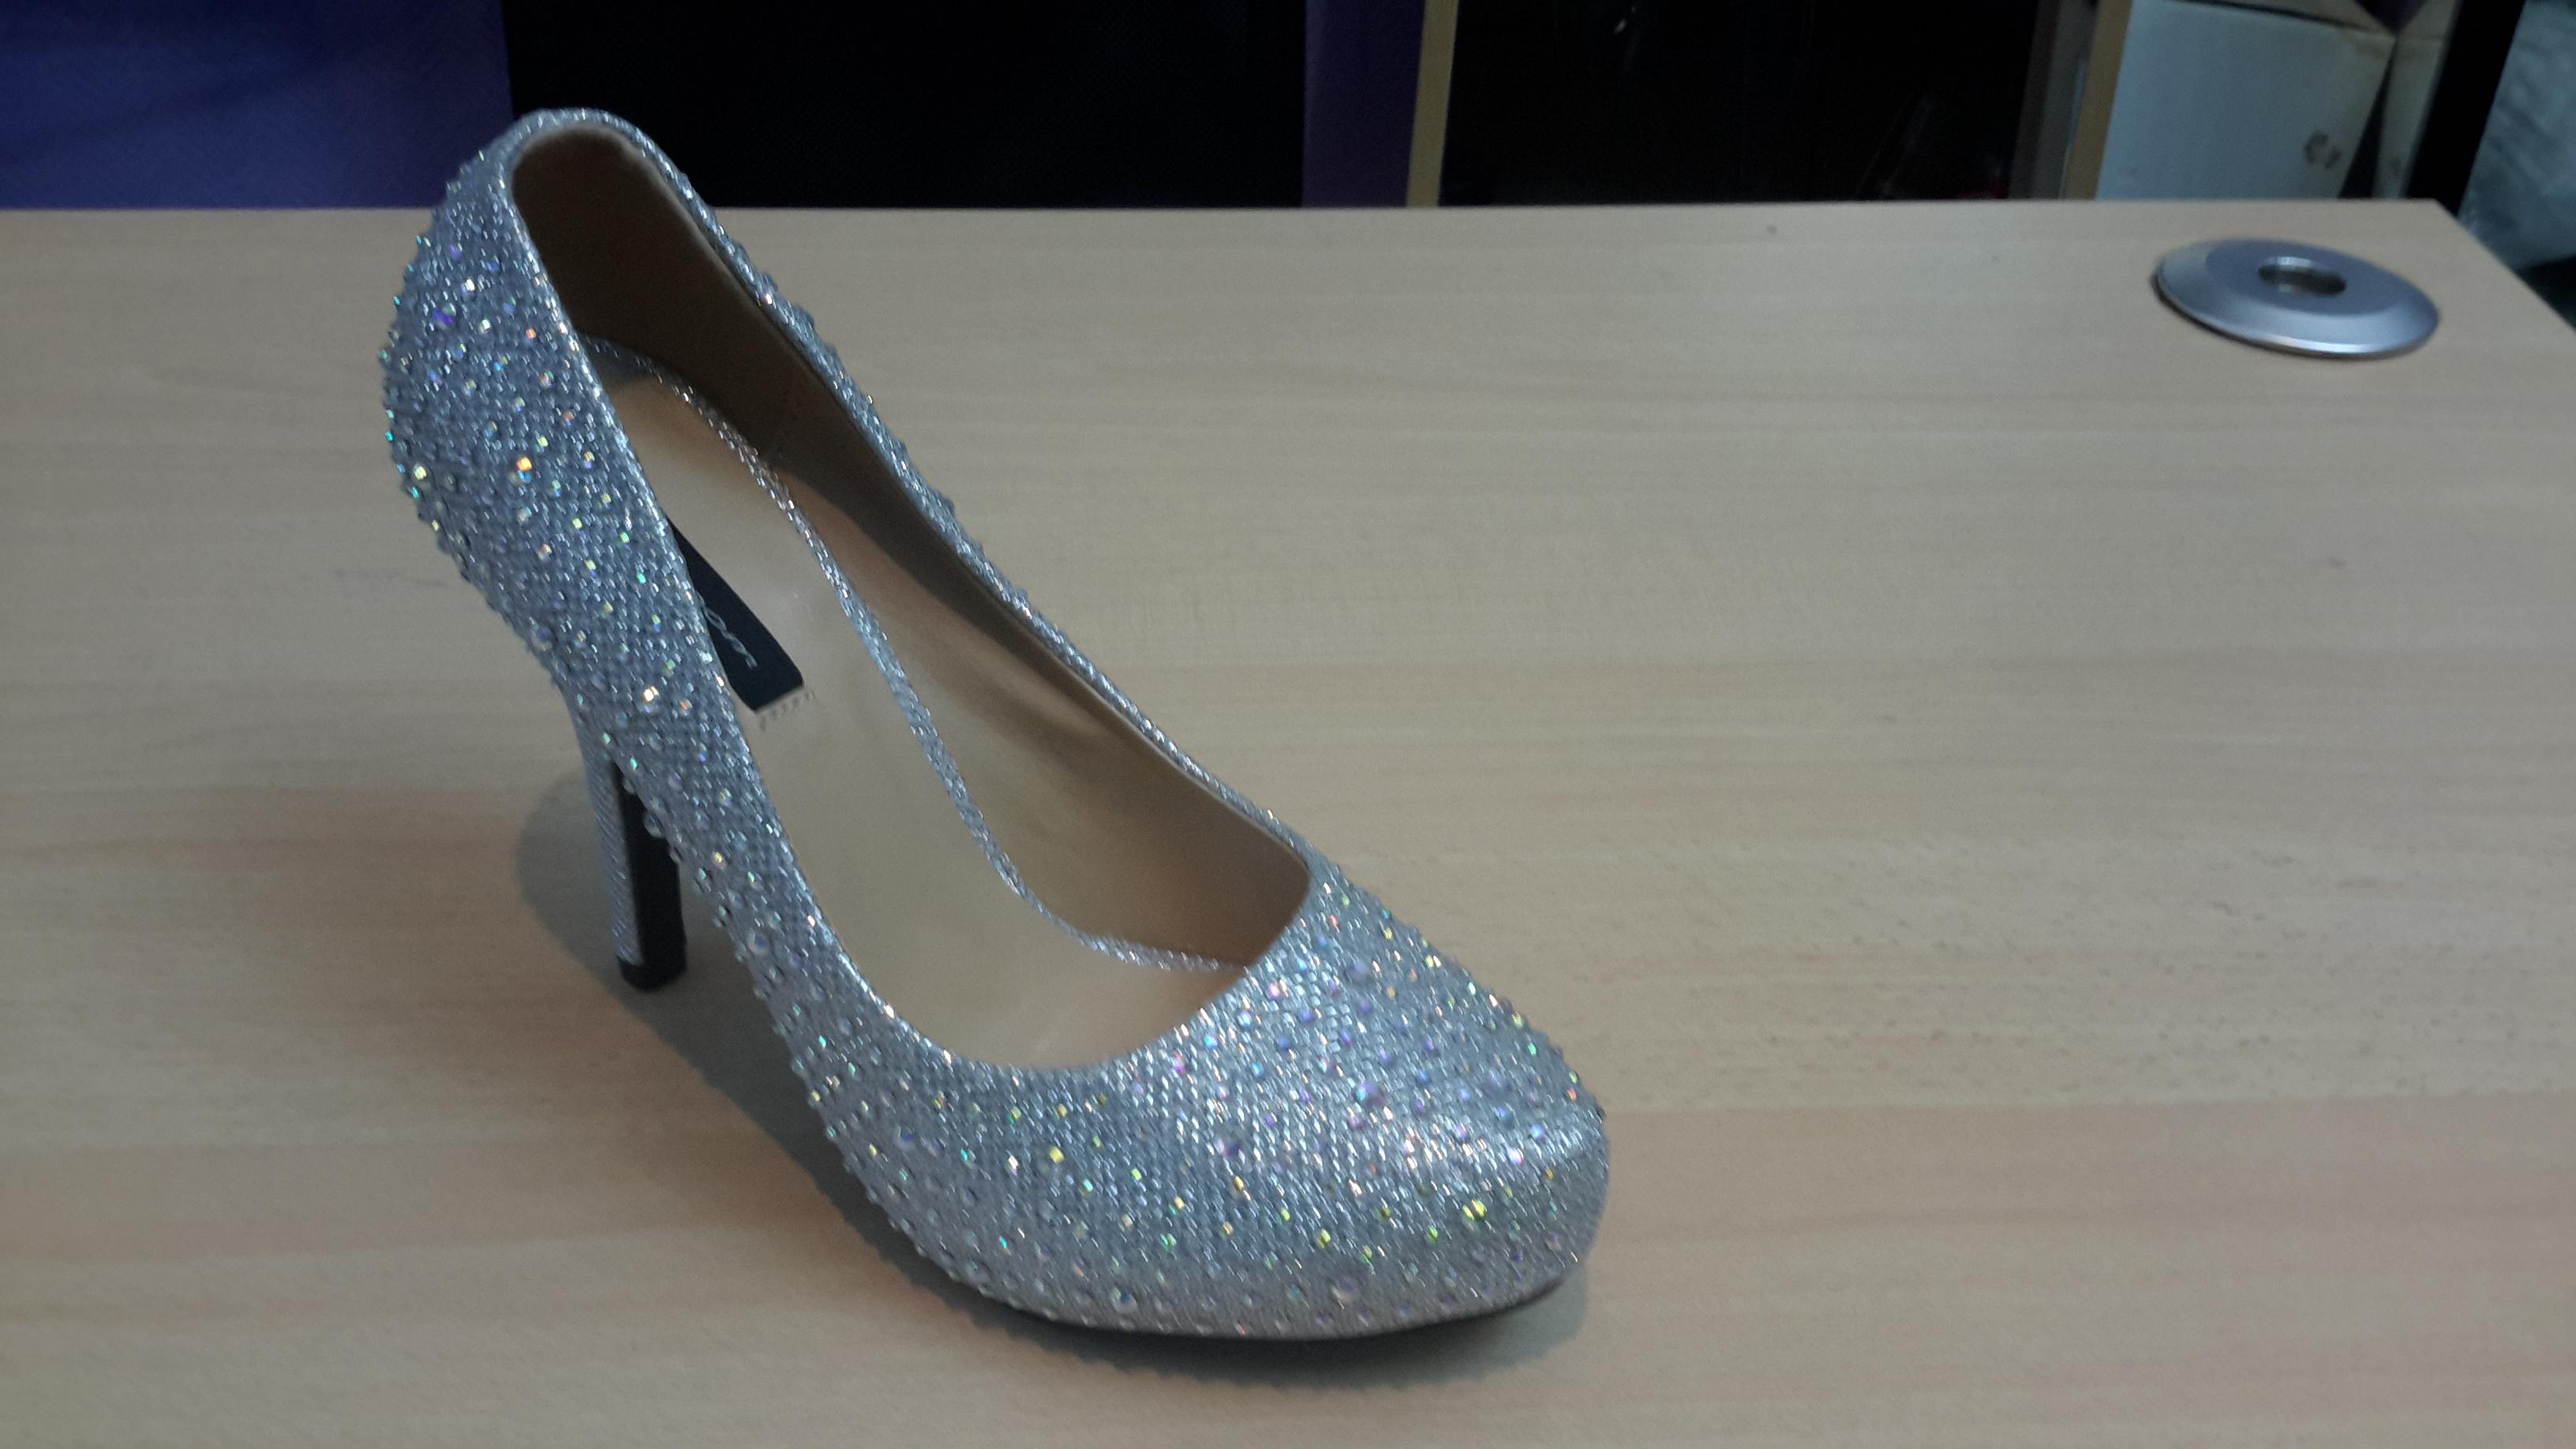 Zilveren damesschoen met hoge hakken en steentjes